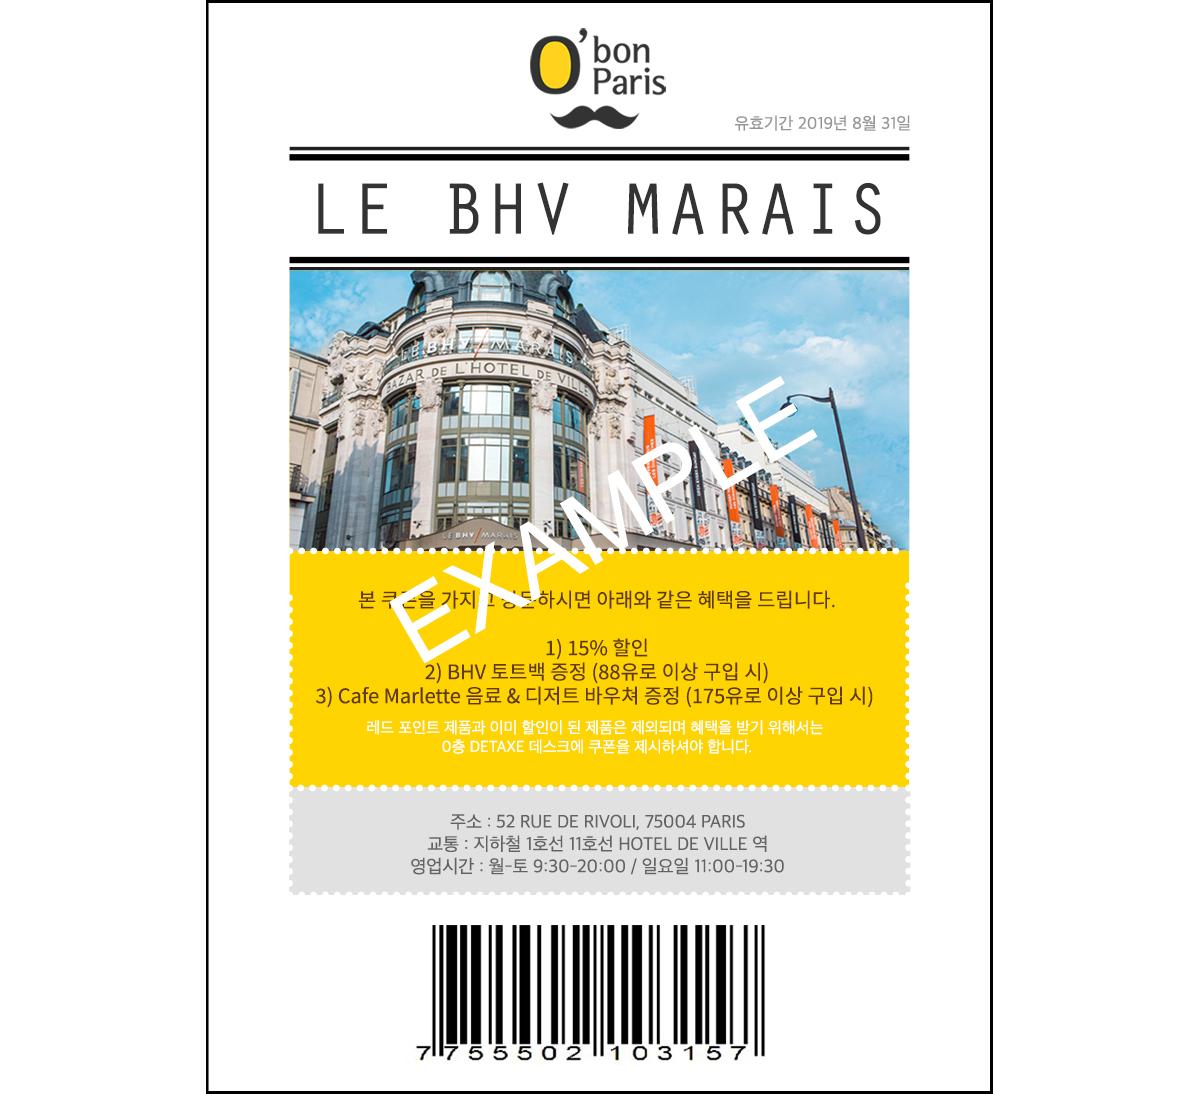 BHV 파리 쇼핑 할인 쿠폰